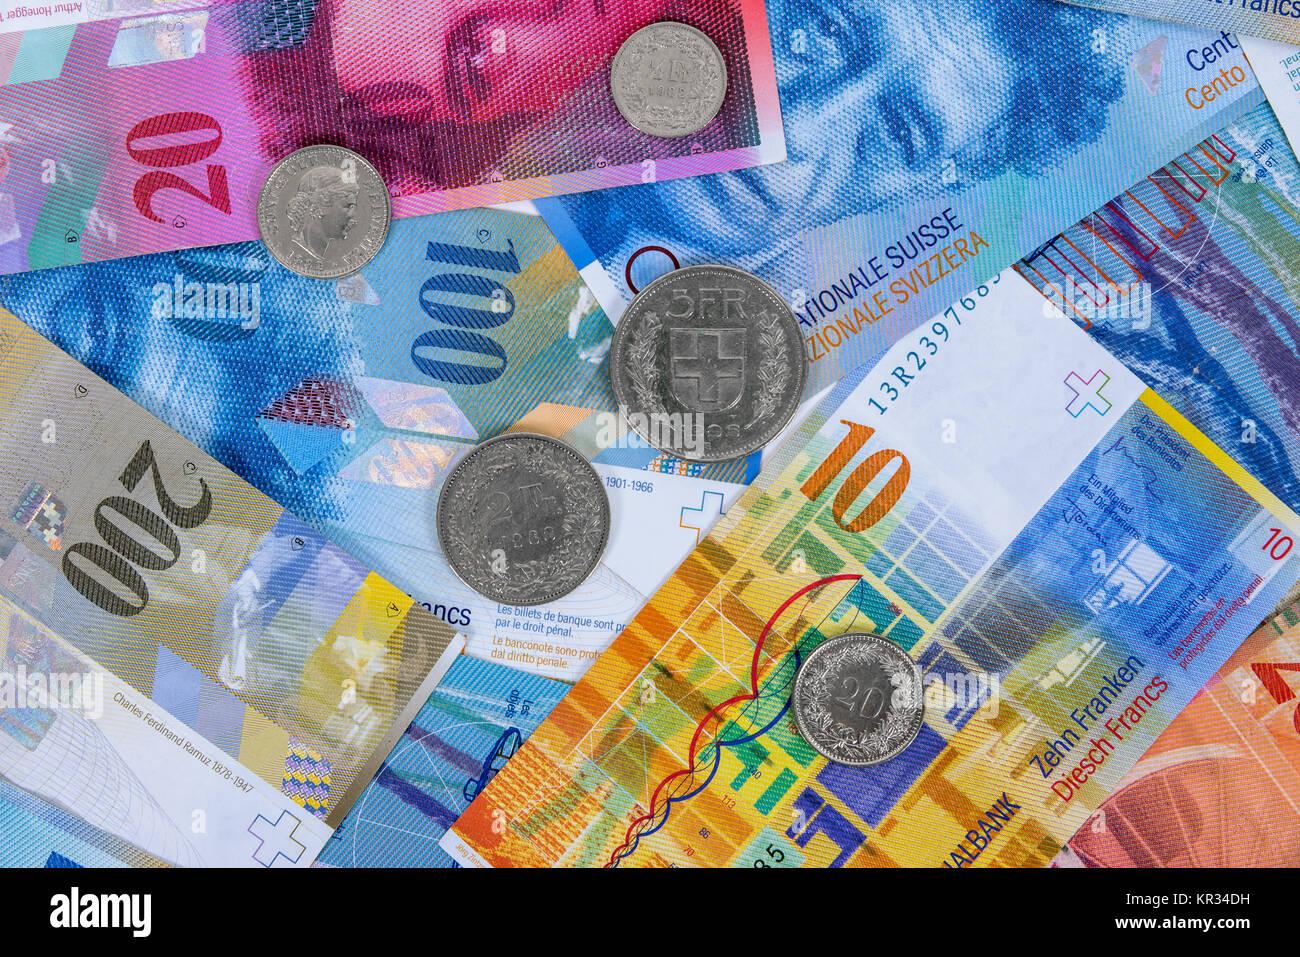 schweizer franken banknoten und m nzen als hintergrund stockfoto bild 169099773 alamy. Black Bedroom Furniture Sets. Home Design Ideas